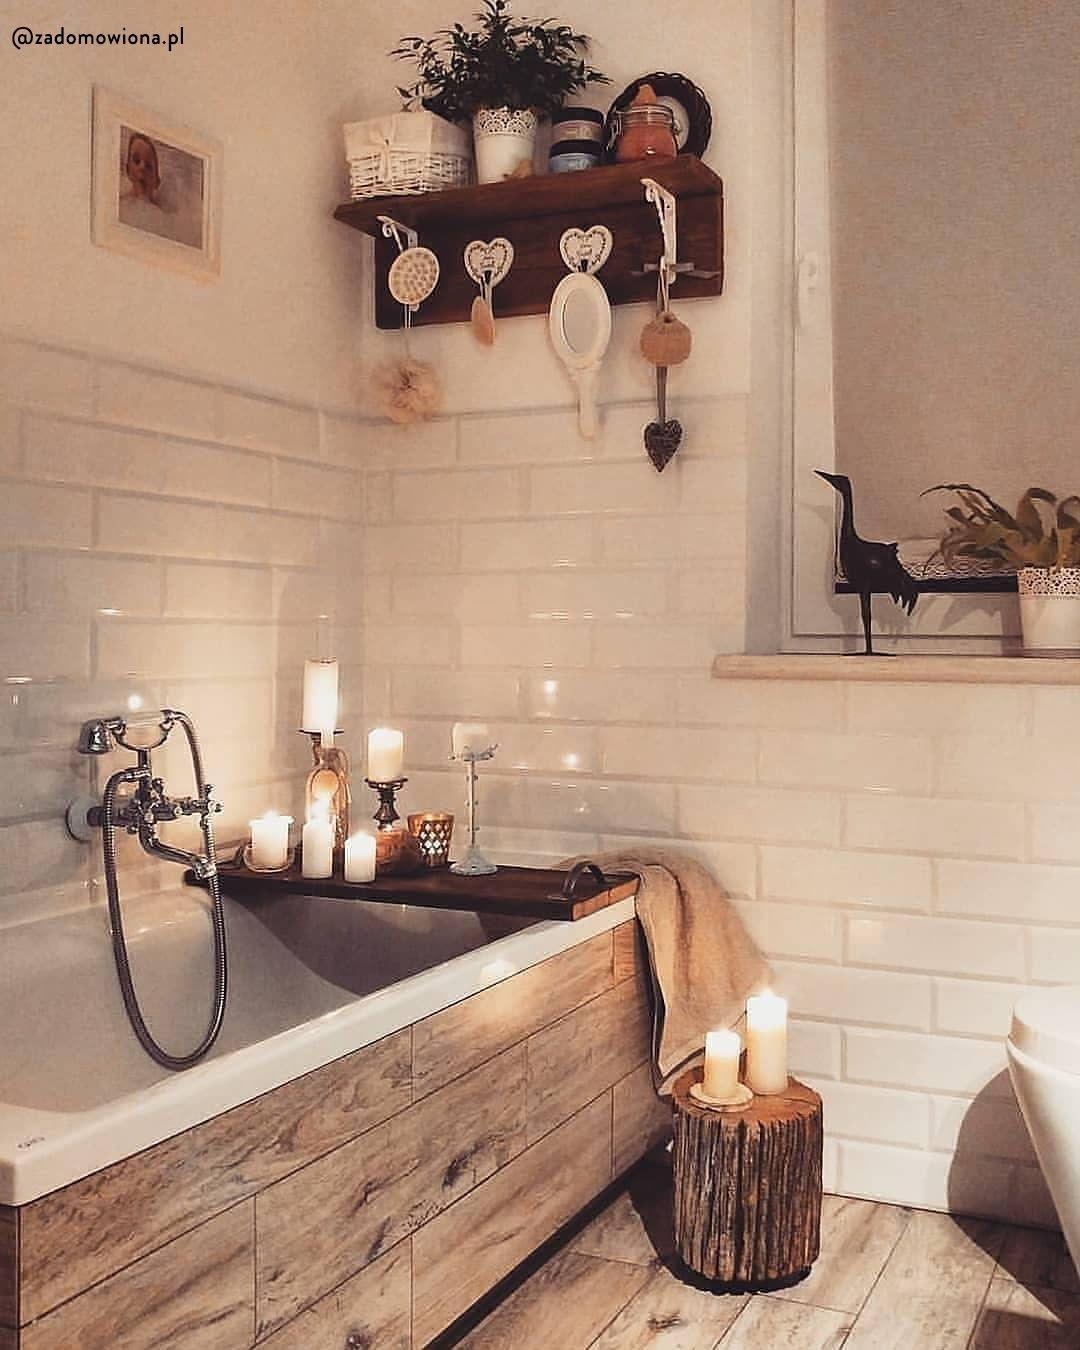 Bathroomaccessories Home Spa Relaxen Im Eigenen Bad In Einem Behaglichen Wohlfuhlbadezimmer Las In 2020 Kleines Bad Dekorieren Badewanne Holz Gemutliches Badezimmer